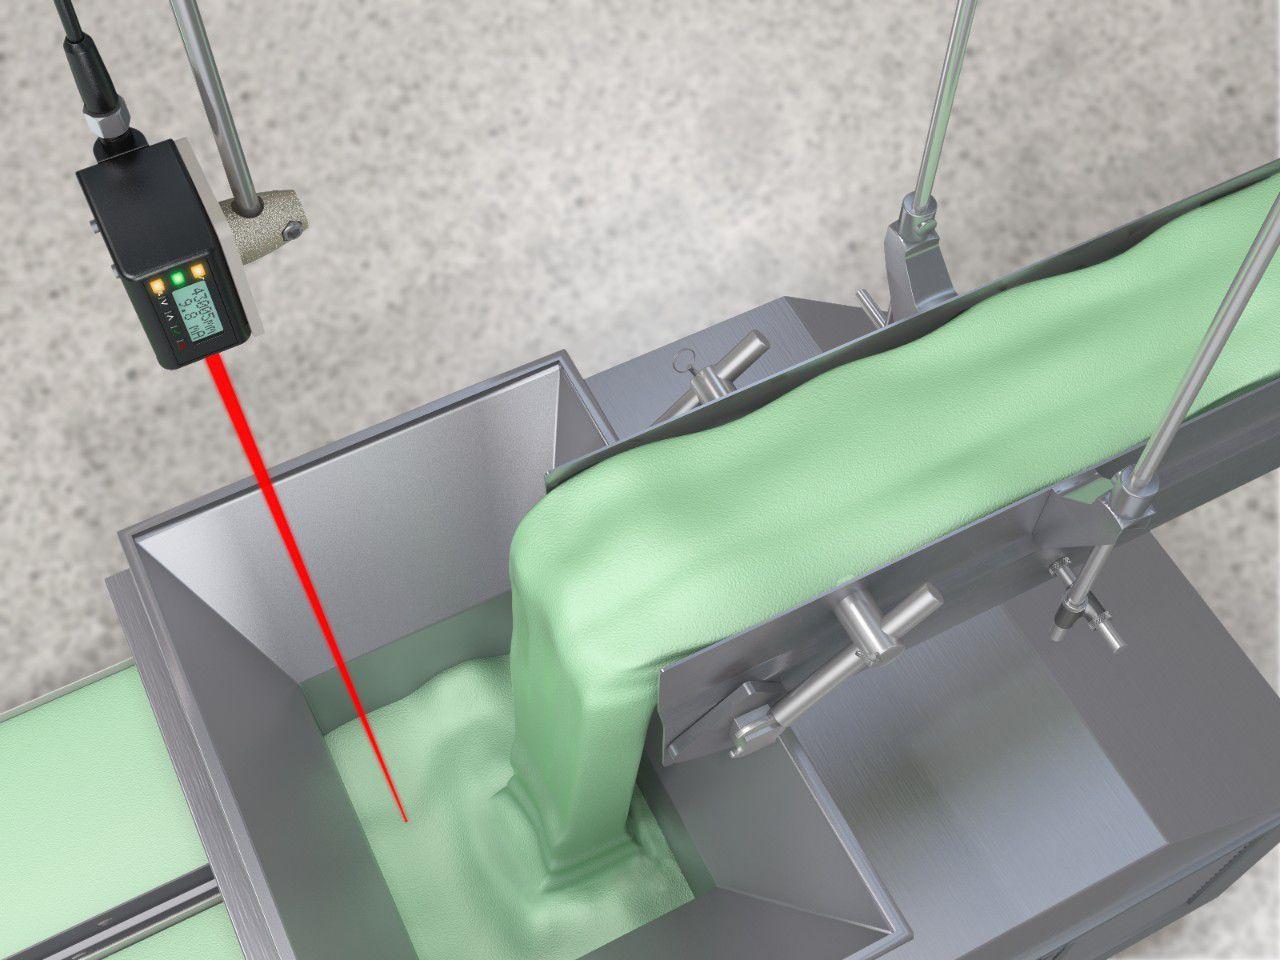 Laser Entfernungsmesser Triangulation : Laser laufzeitmessung abstandssensor robust analog mit